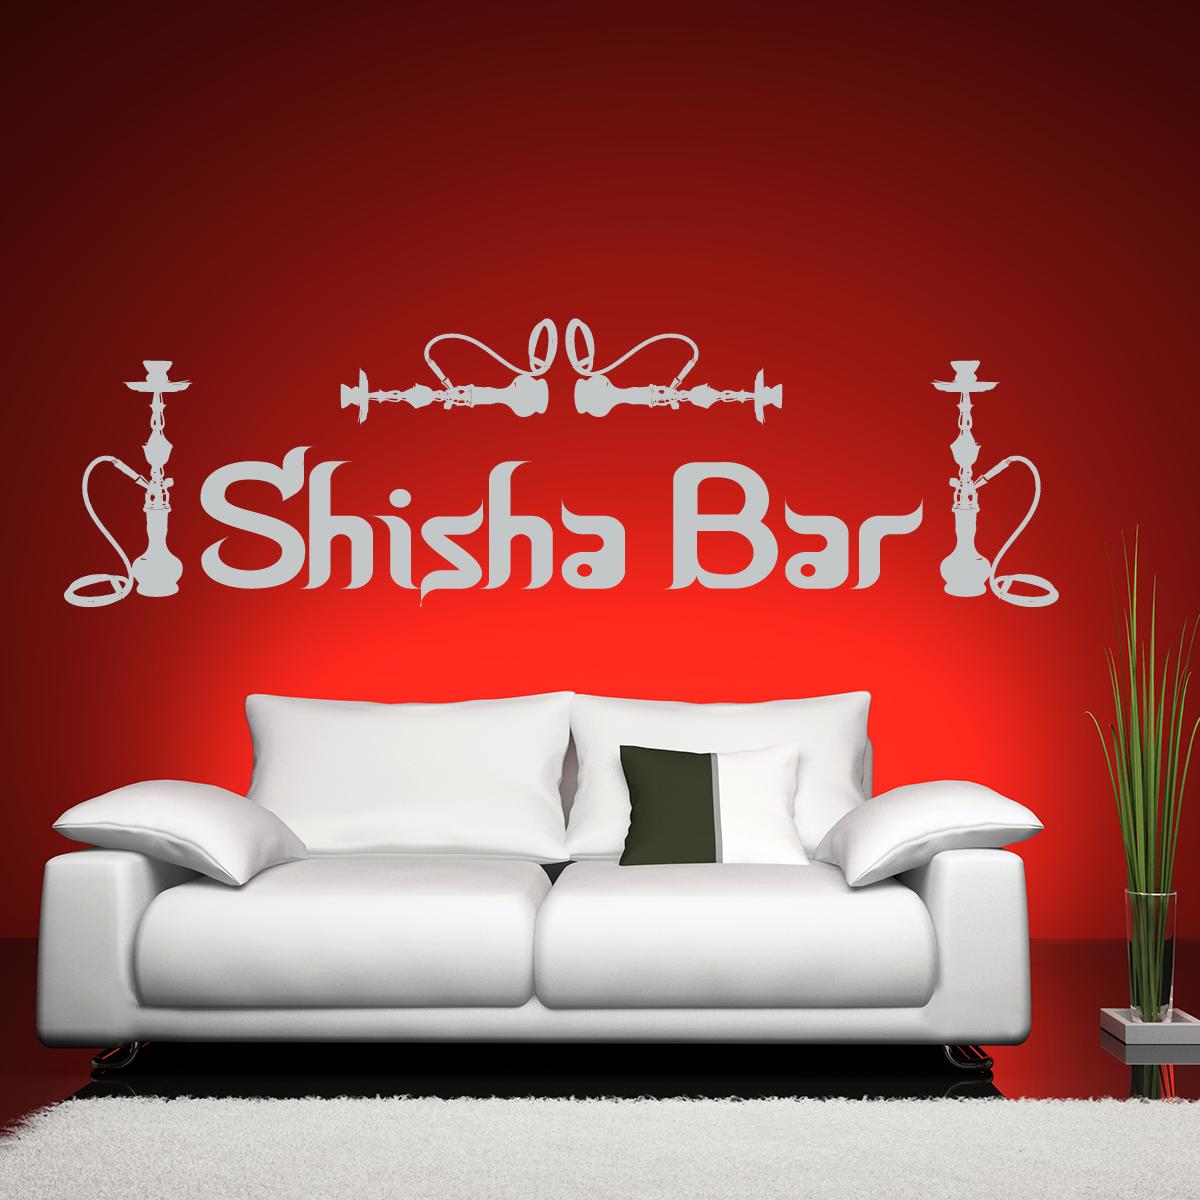 Epic Shisha Bar Individuelle Wandtattoos f r Ihre Wanddekoration Fraben verschiedene Gr en